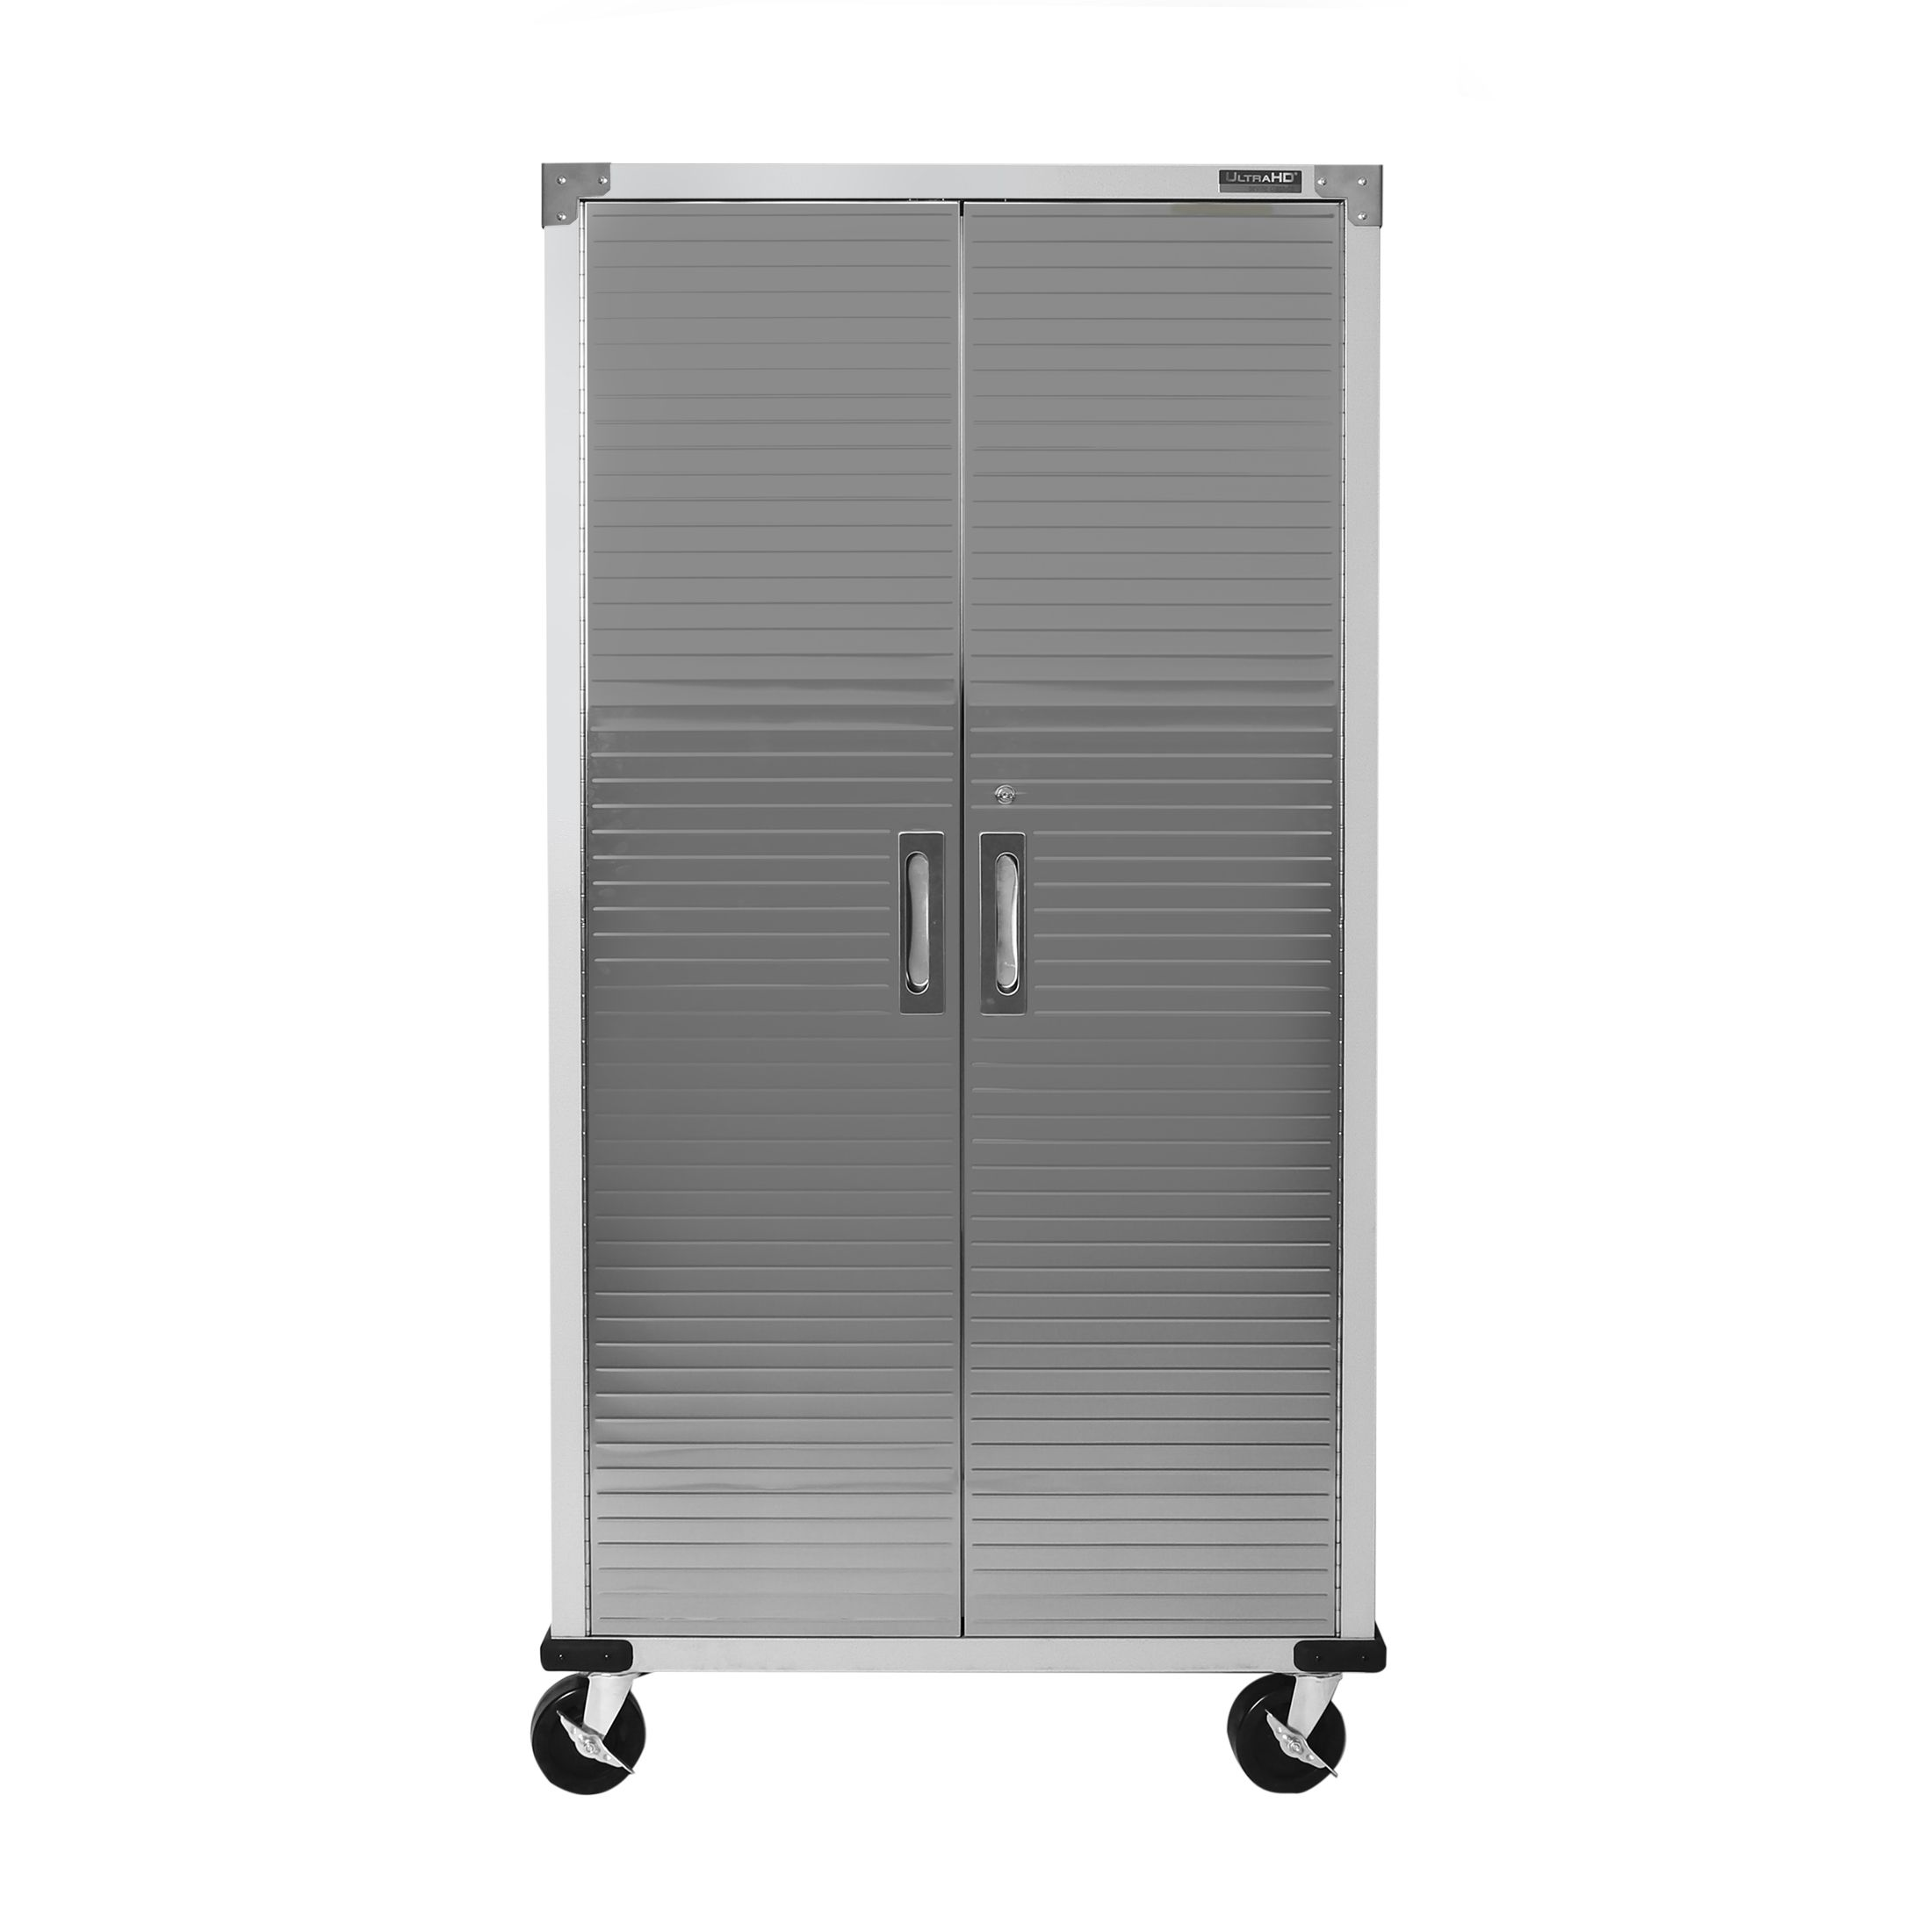 Seville Classics UltraHD Steel Heavy-Duty Storage Cabinet